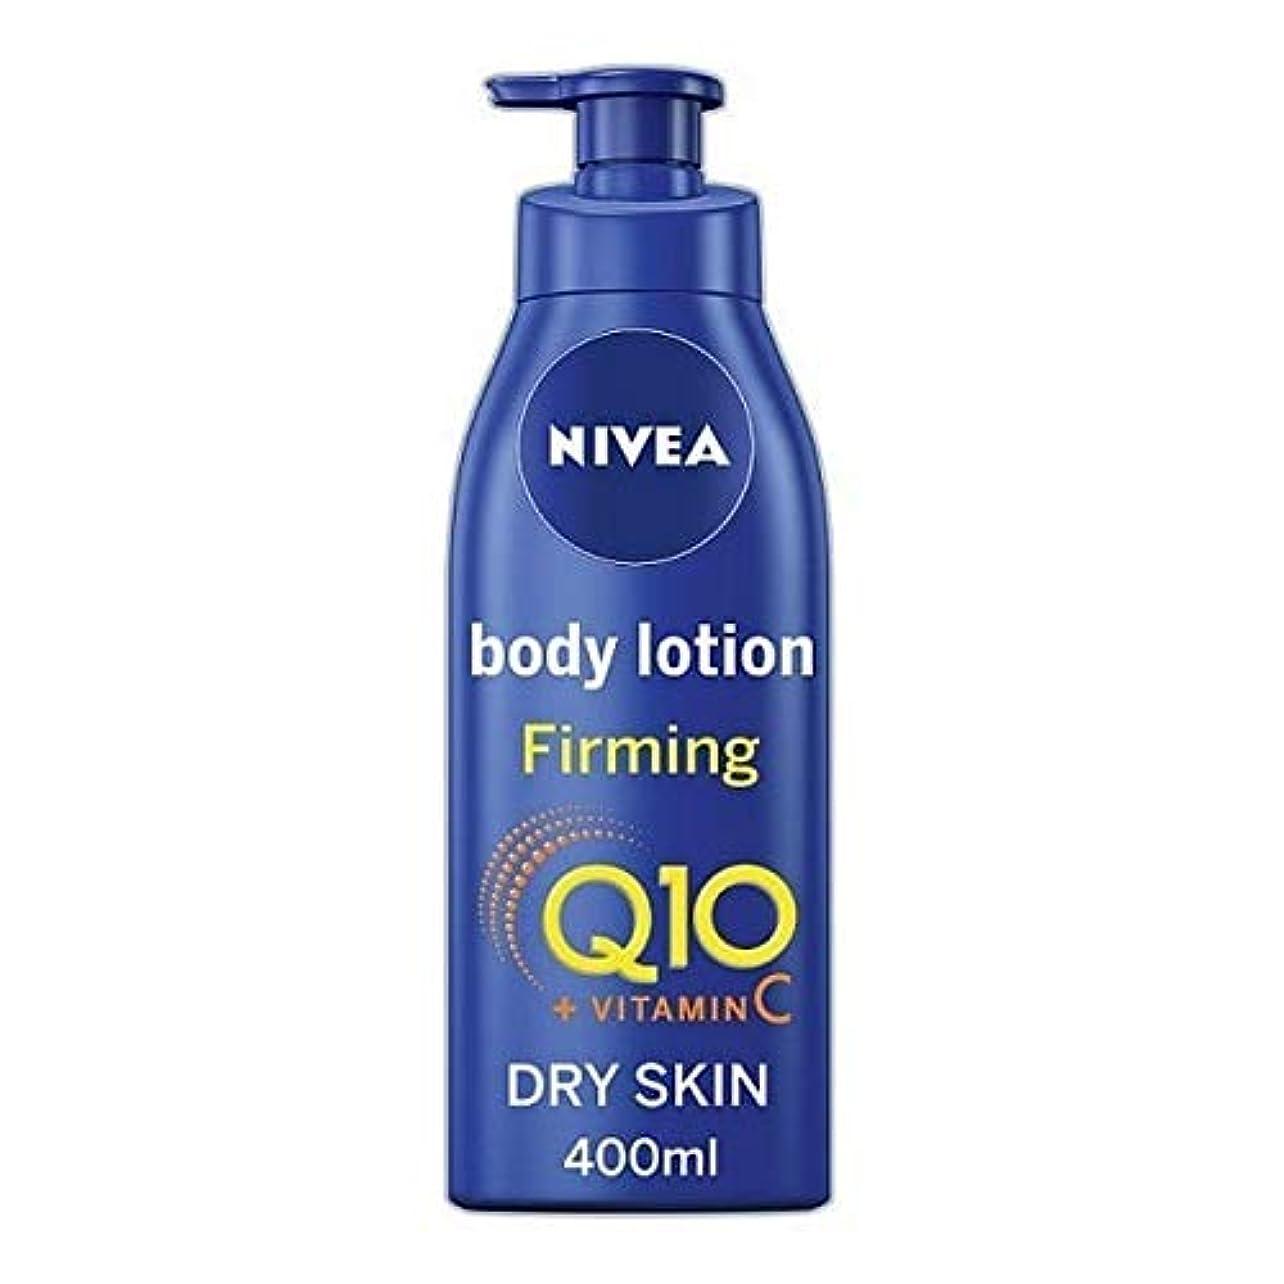 親指数学転送[Nivea ] 乾燥肌、400ミリリットルのためのニベアQ10ビタミンCファーミングボディローション - NIVEA Q10 Vitamin C Firming Body Lotion for Dry Skin, 400ml...